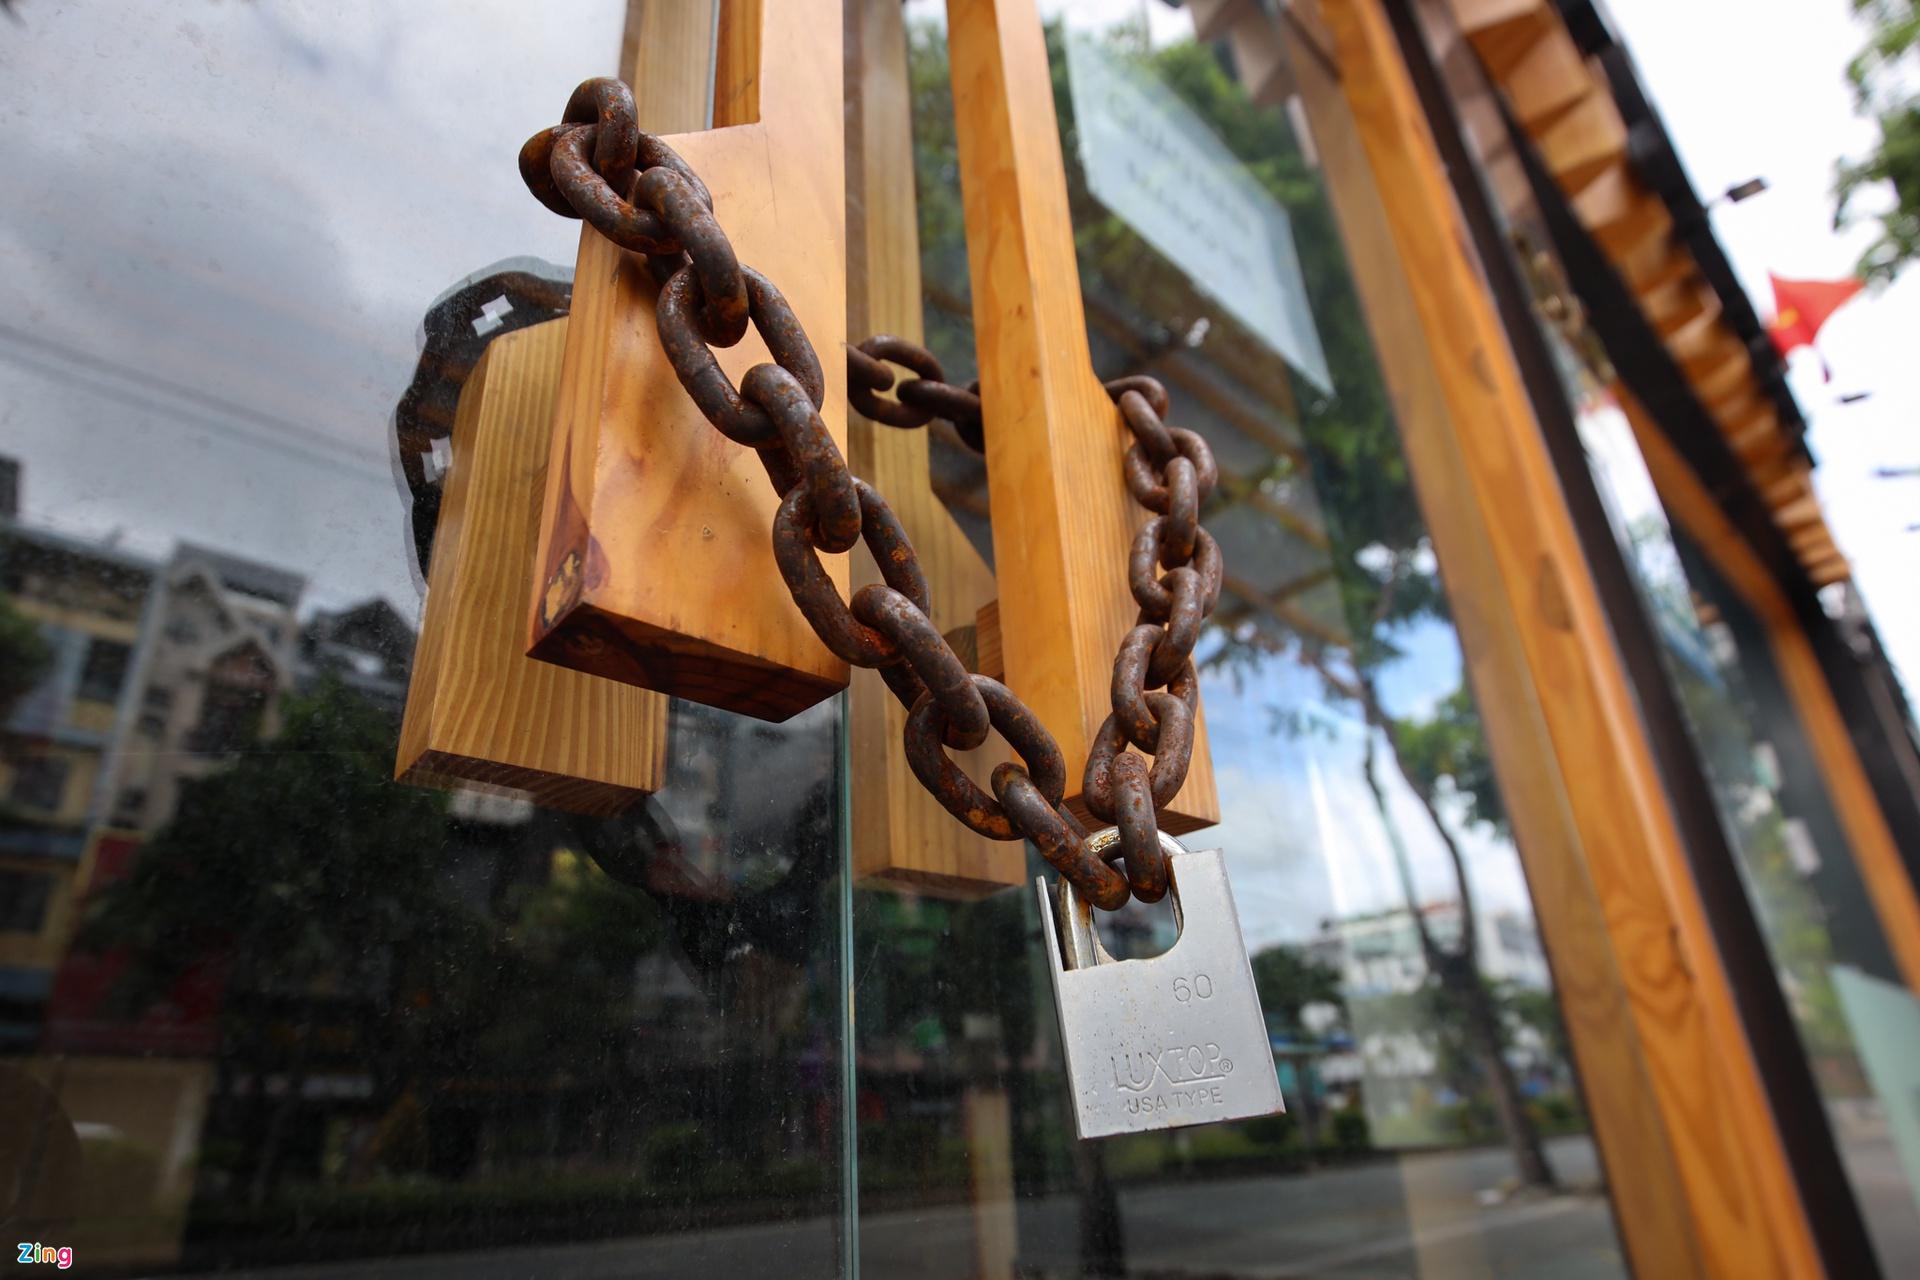 Hàng quán ở TP.HCM ngại đăng ký mở lại, chờ đến sau 15/9 - Ảnh 1.